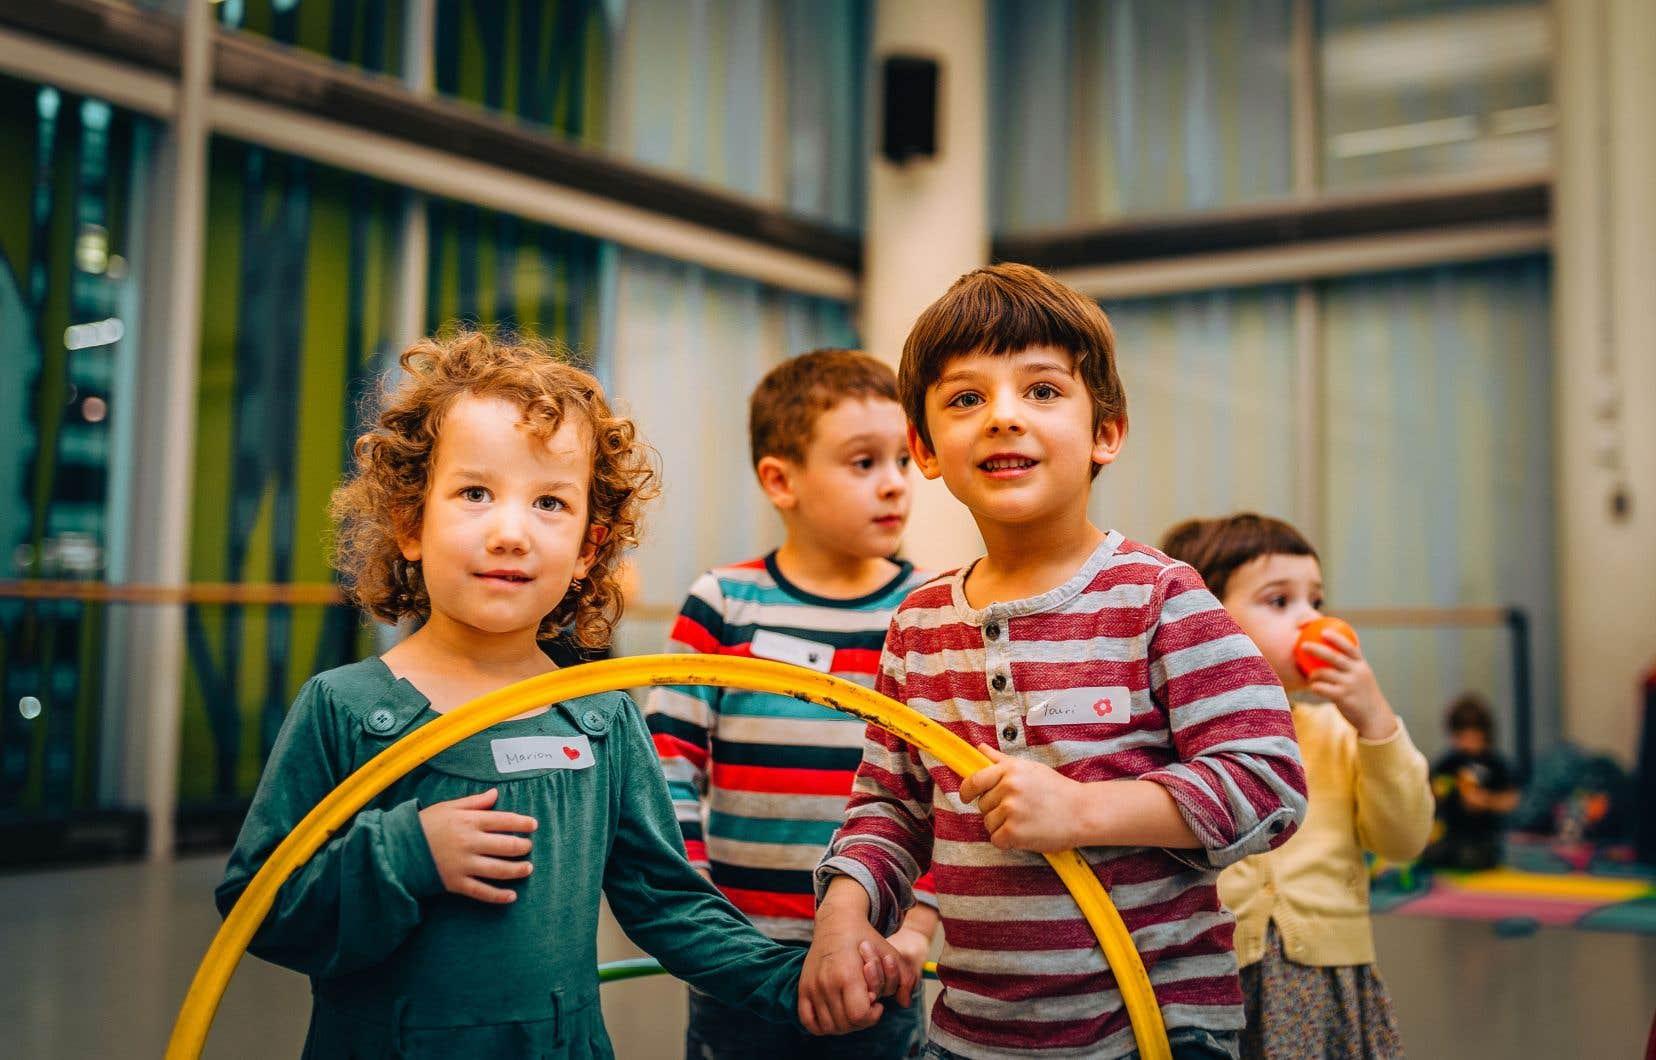 À l'Agora de la danse, le PopupCamp n'est pas une halte-garderie traditionnelle: l'atelier donné aux enfants, par un ou une interprète qui a des compétences en enseignement de la danse auprès des jeunes, est généralement en lien avec ce que les adultes sont en train de vivre dans la salle attenante.